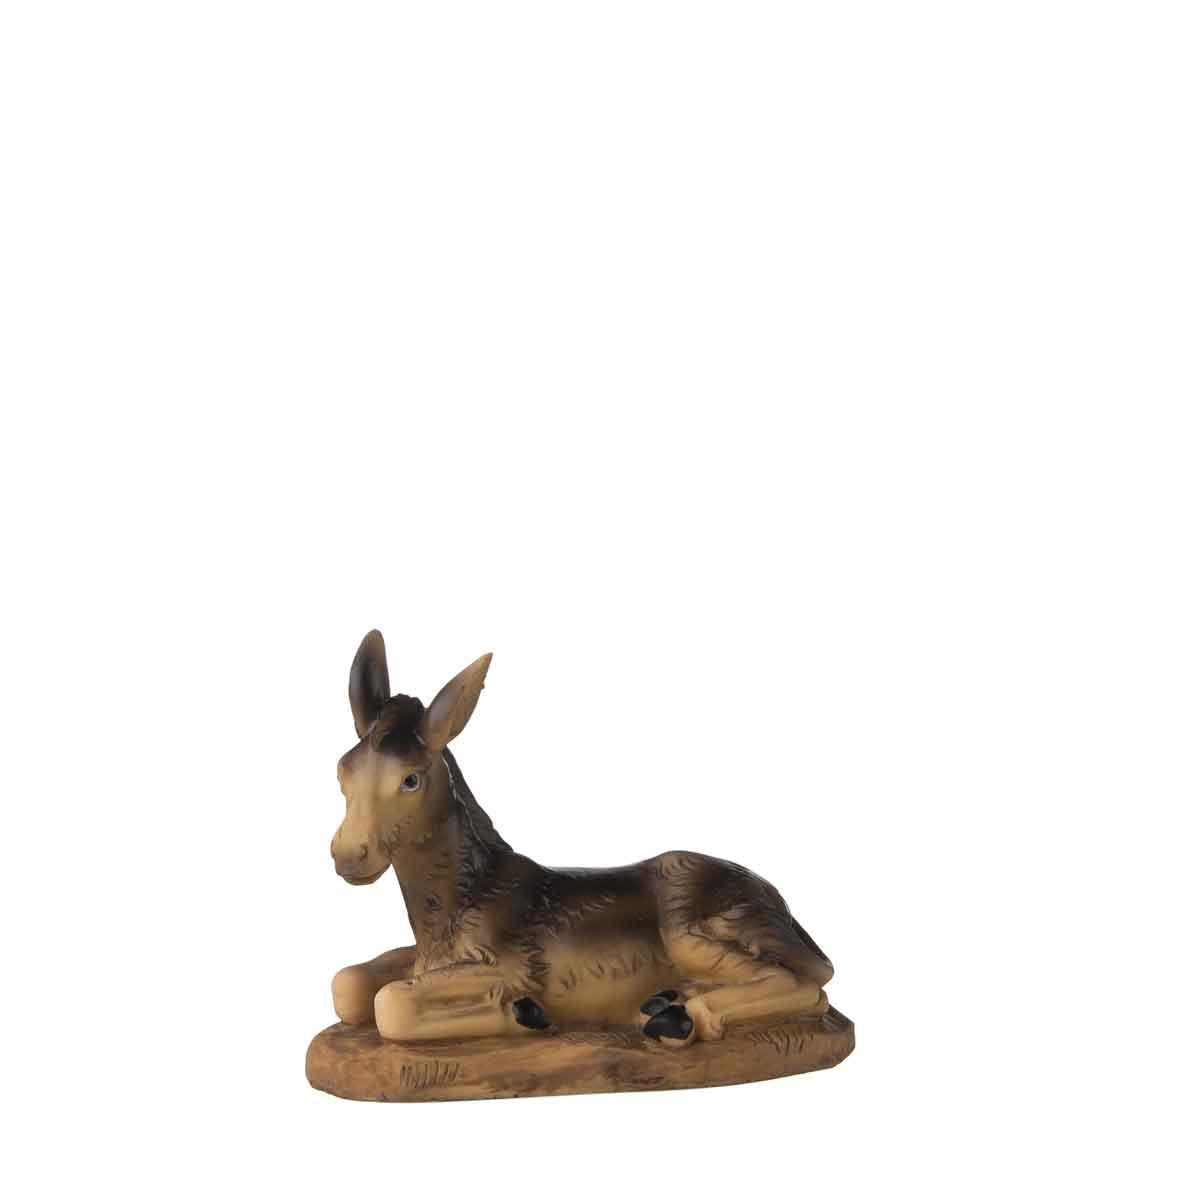 Presepe – Statuetta asino altezza 20cm